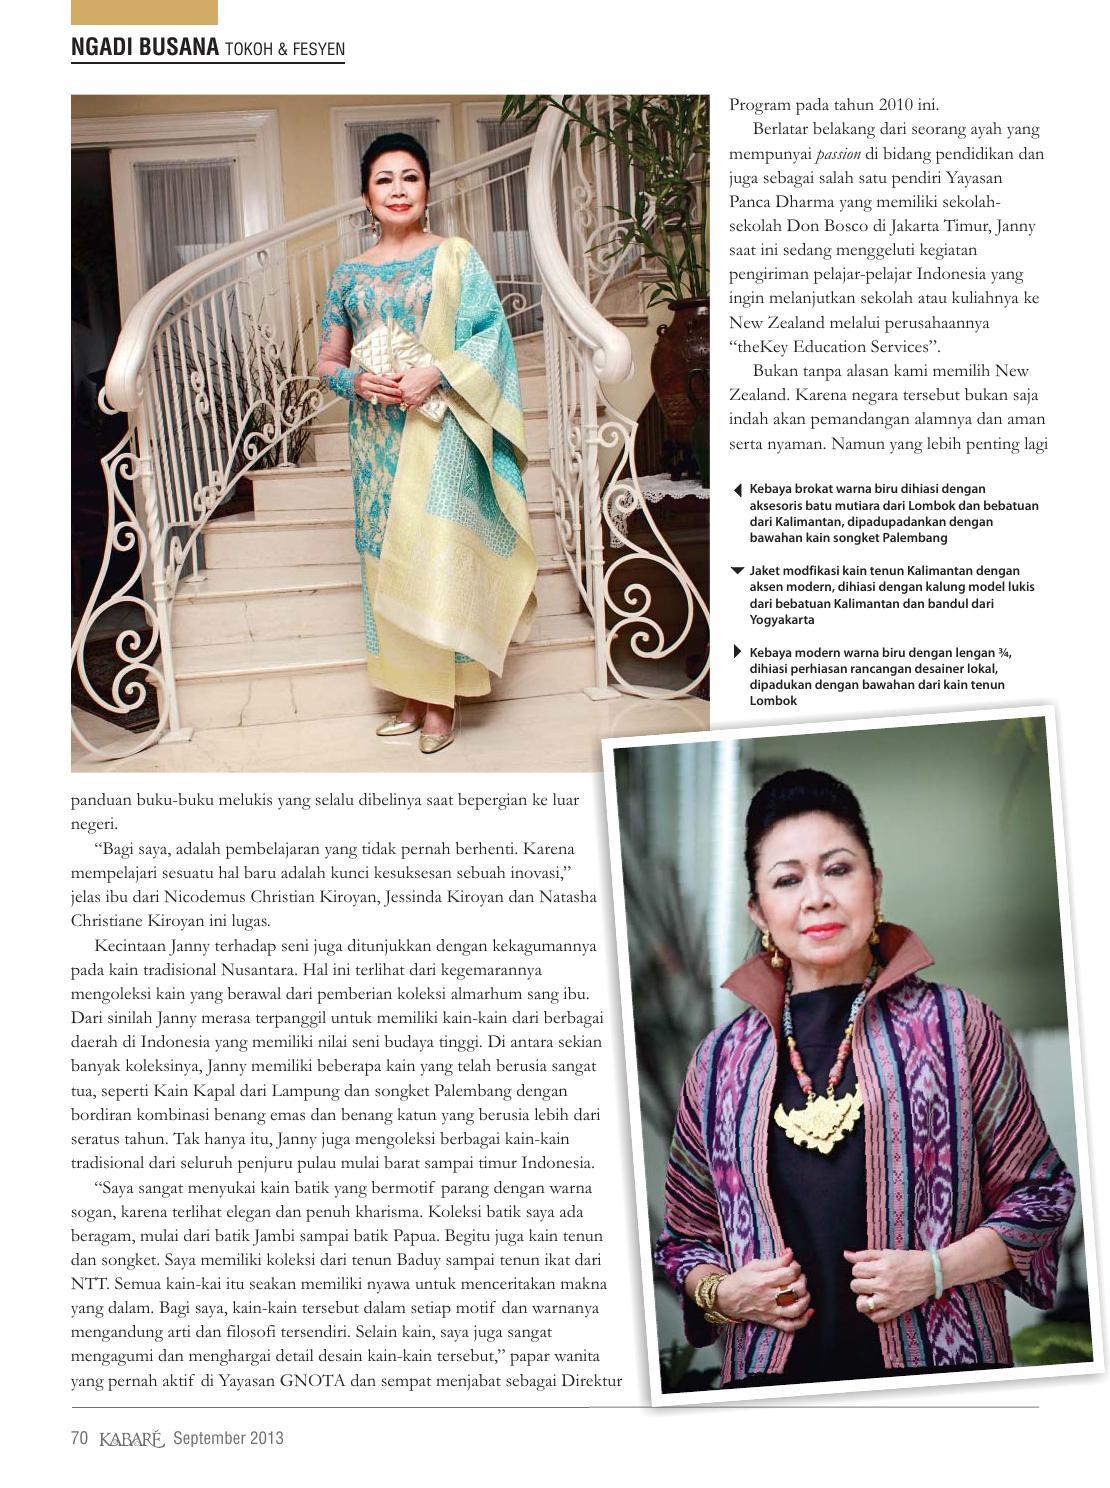 Kabare Magazine Edisi September 2013 By Kabare Magazine Issuu